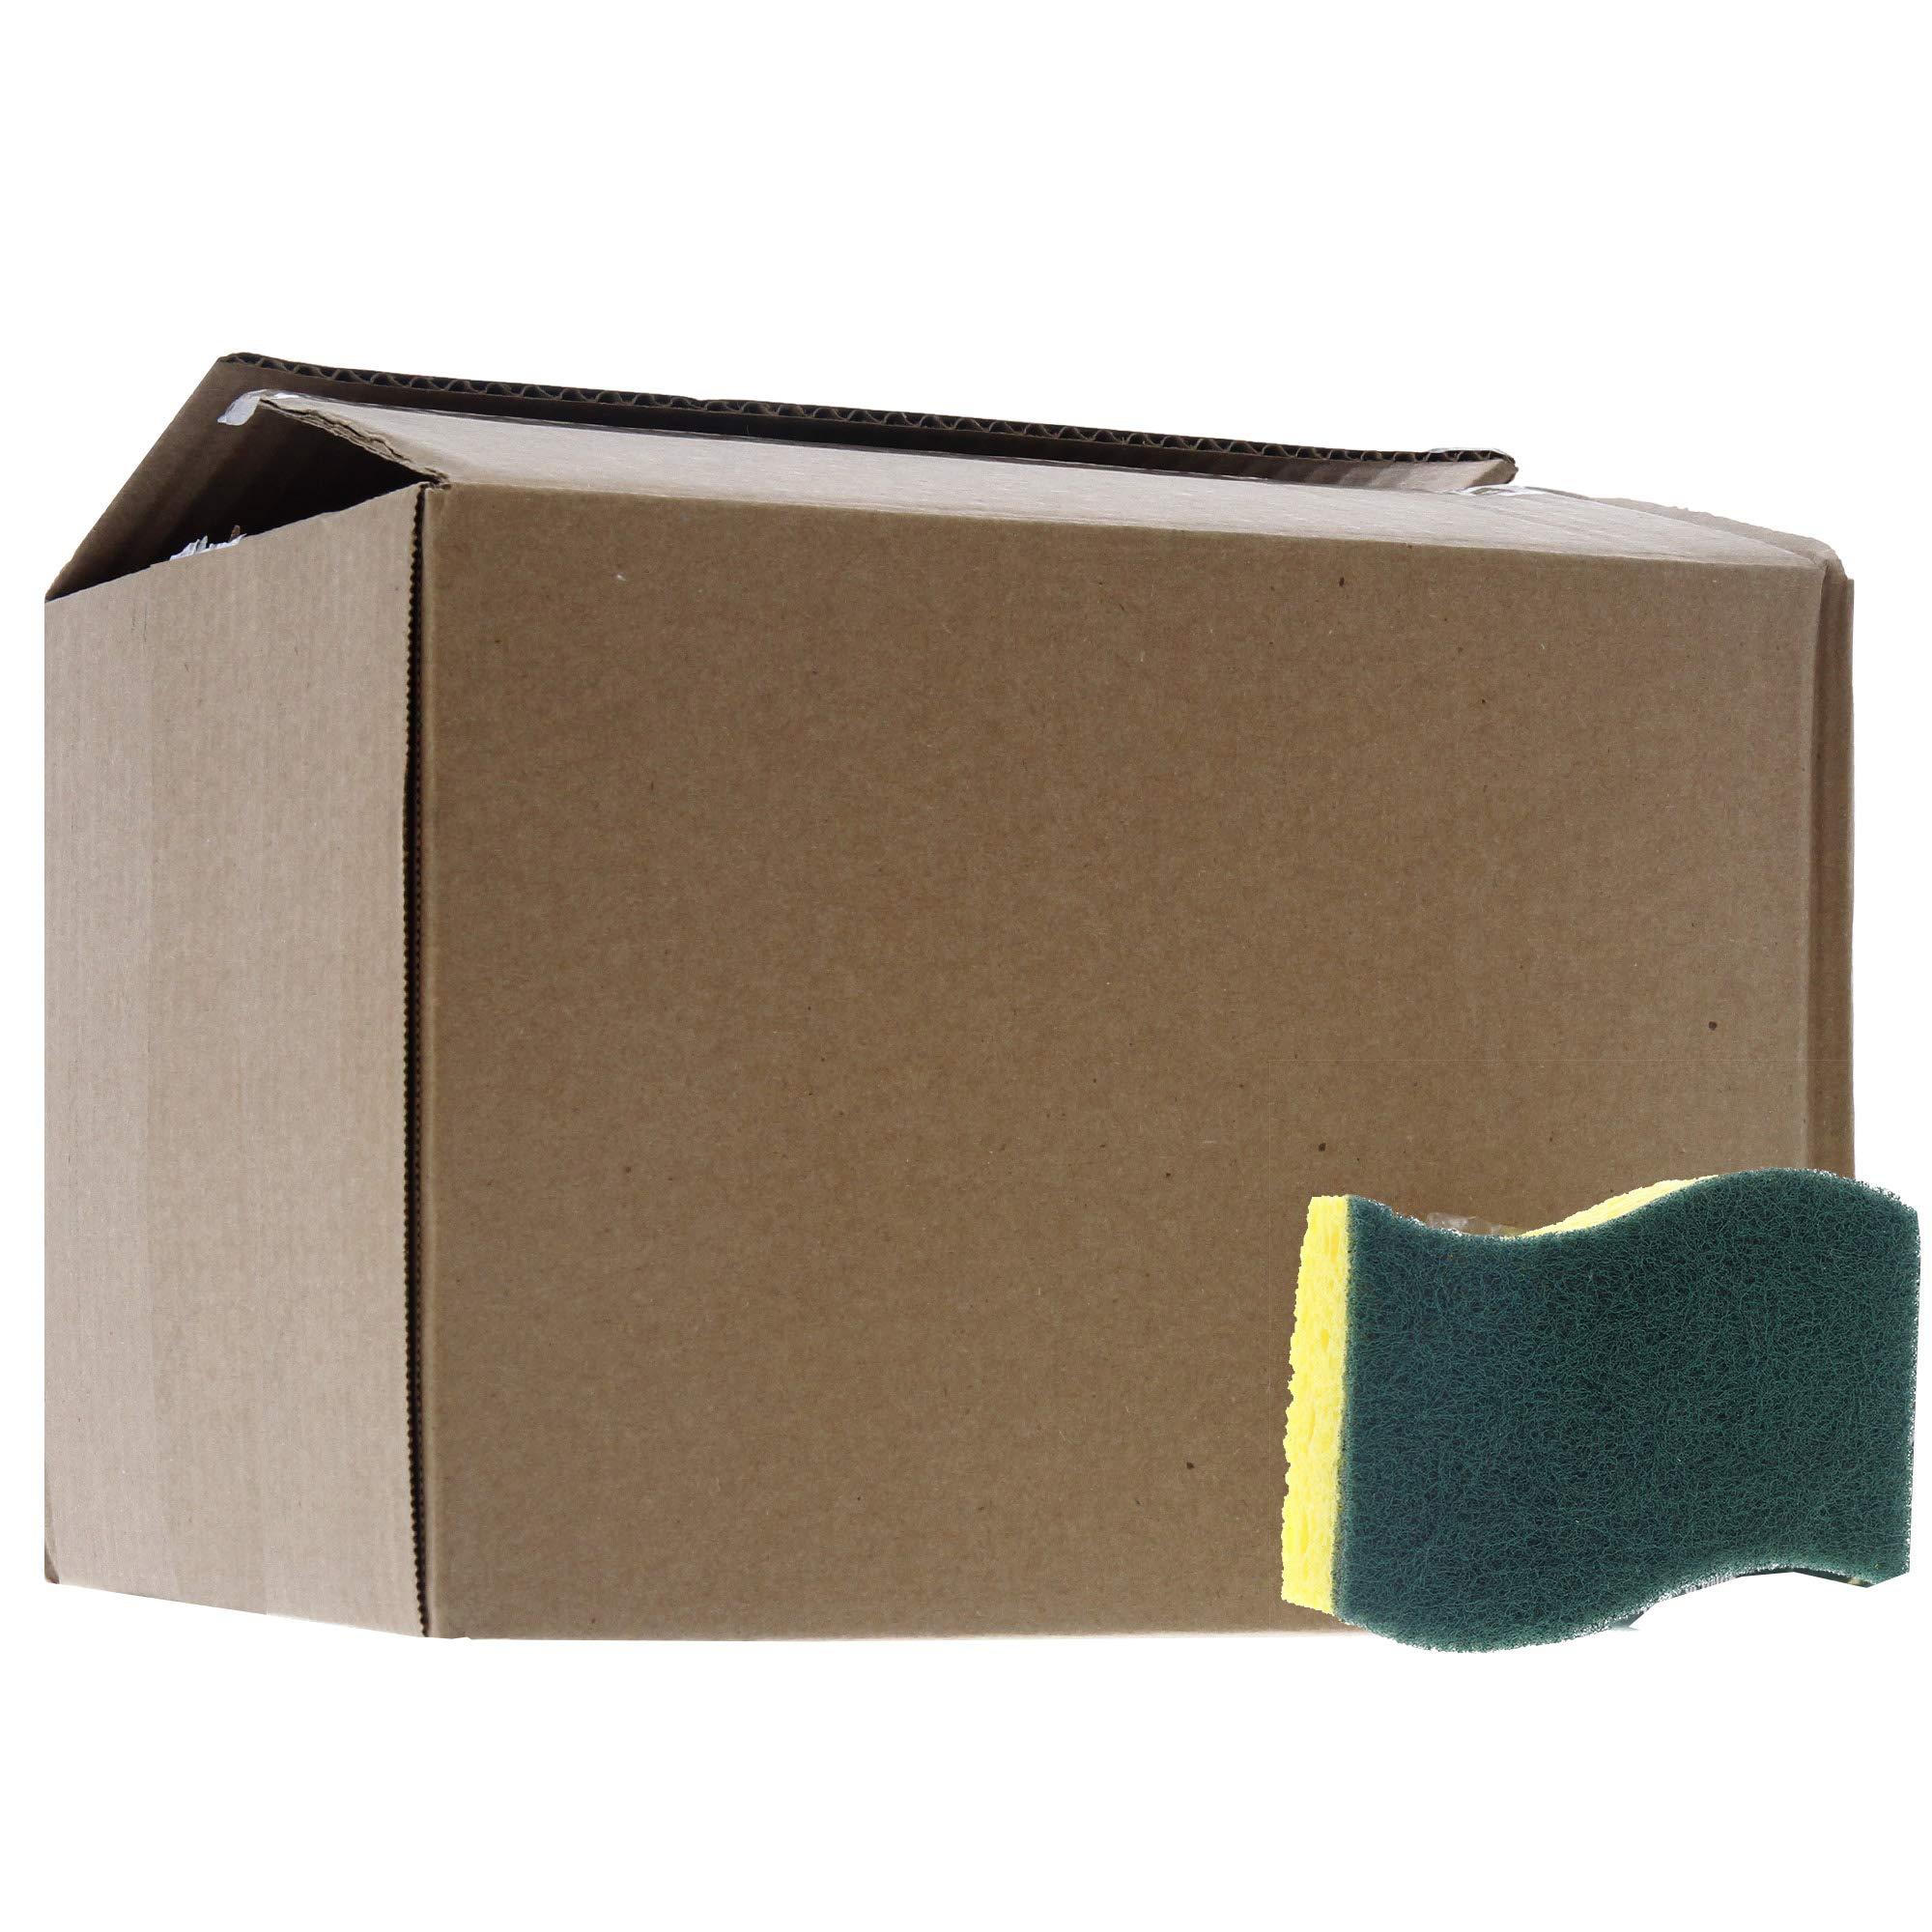 Scotch-Brite Bulk Pack Cleaning Scrub Pads, (80 Count) by Scotch-Brite (Image #3)